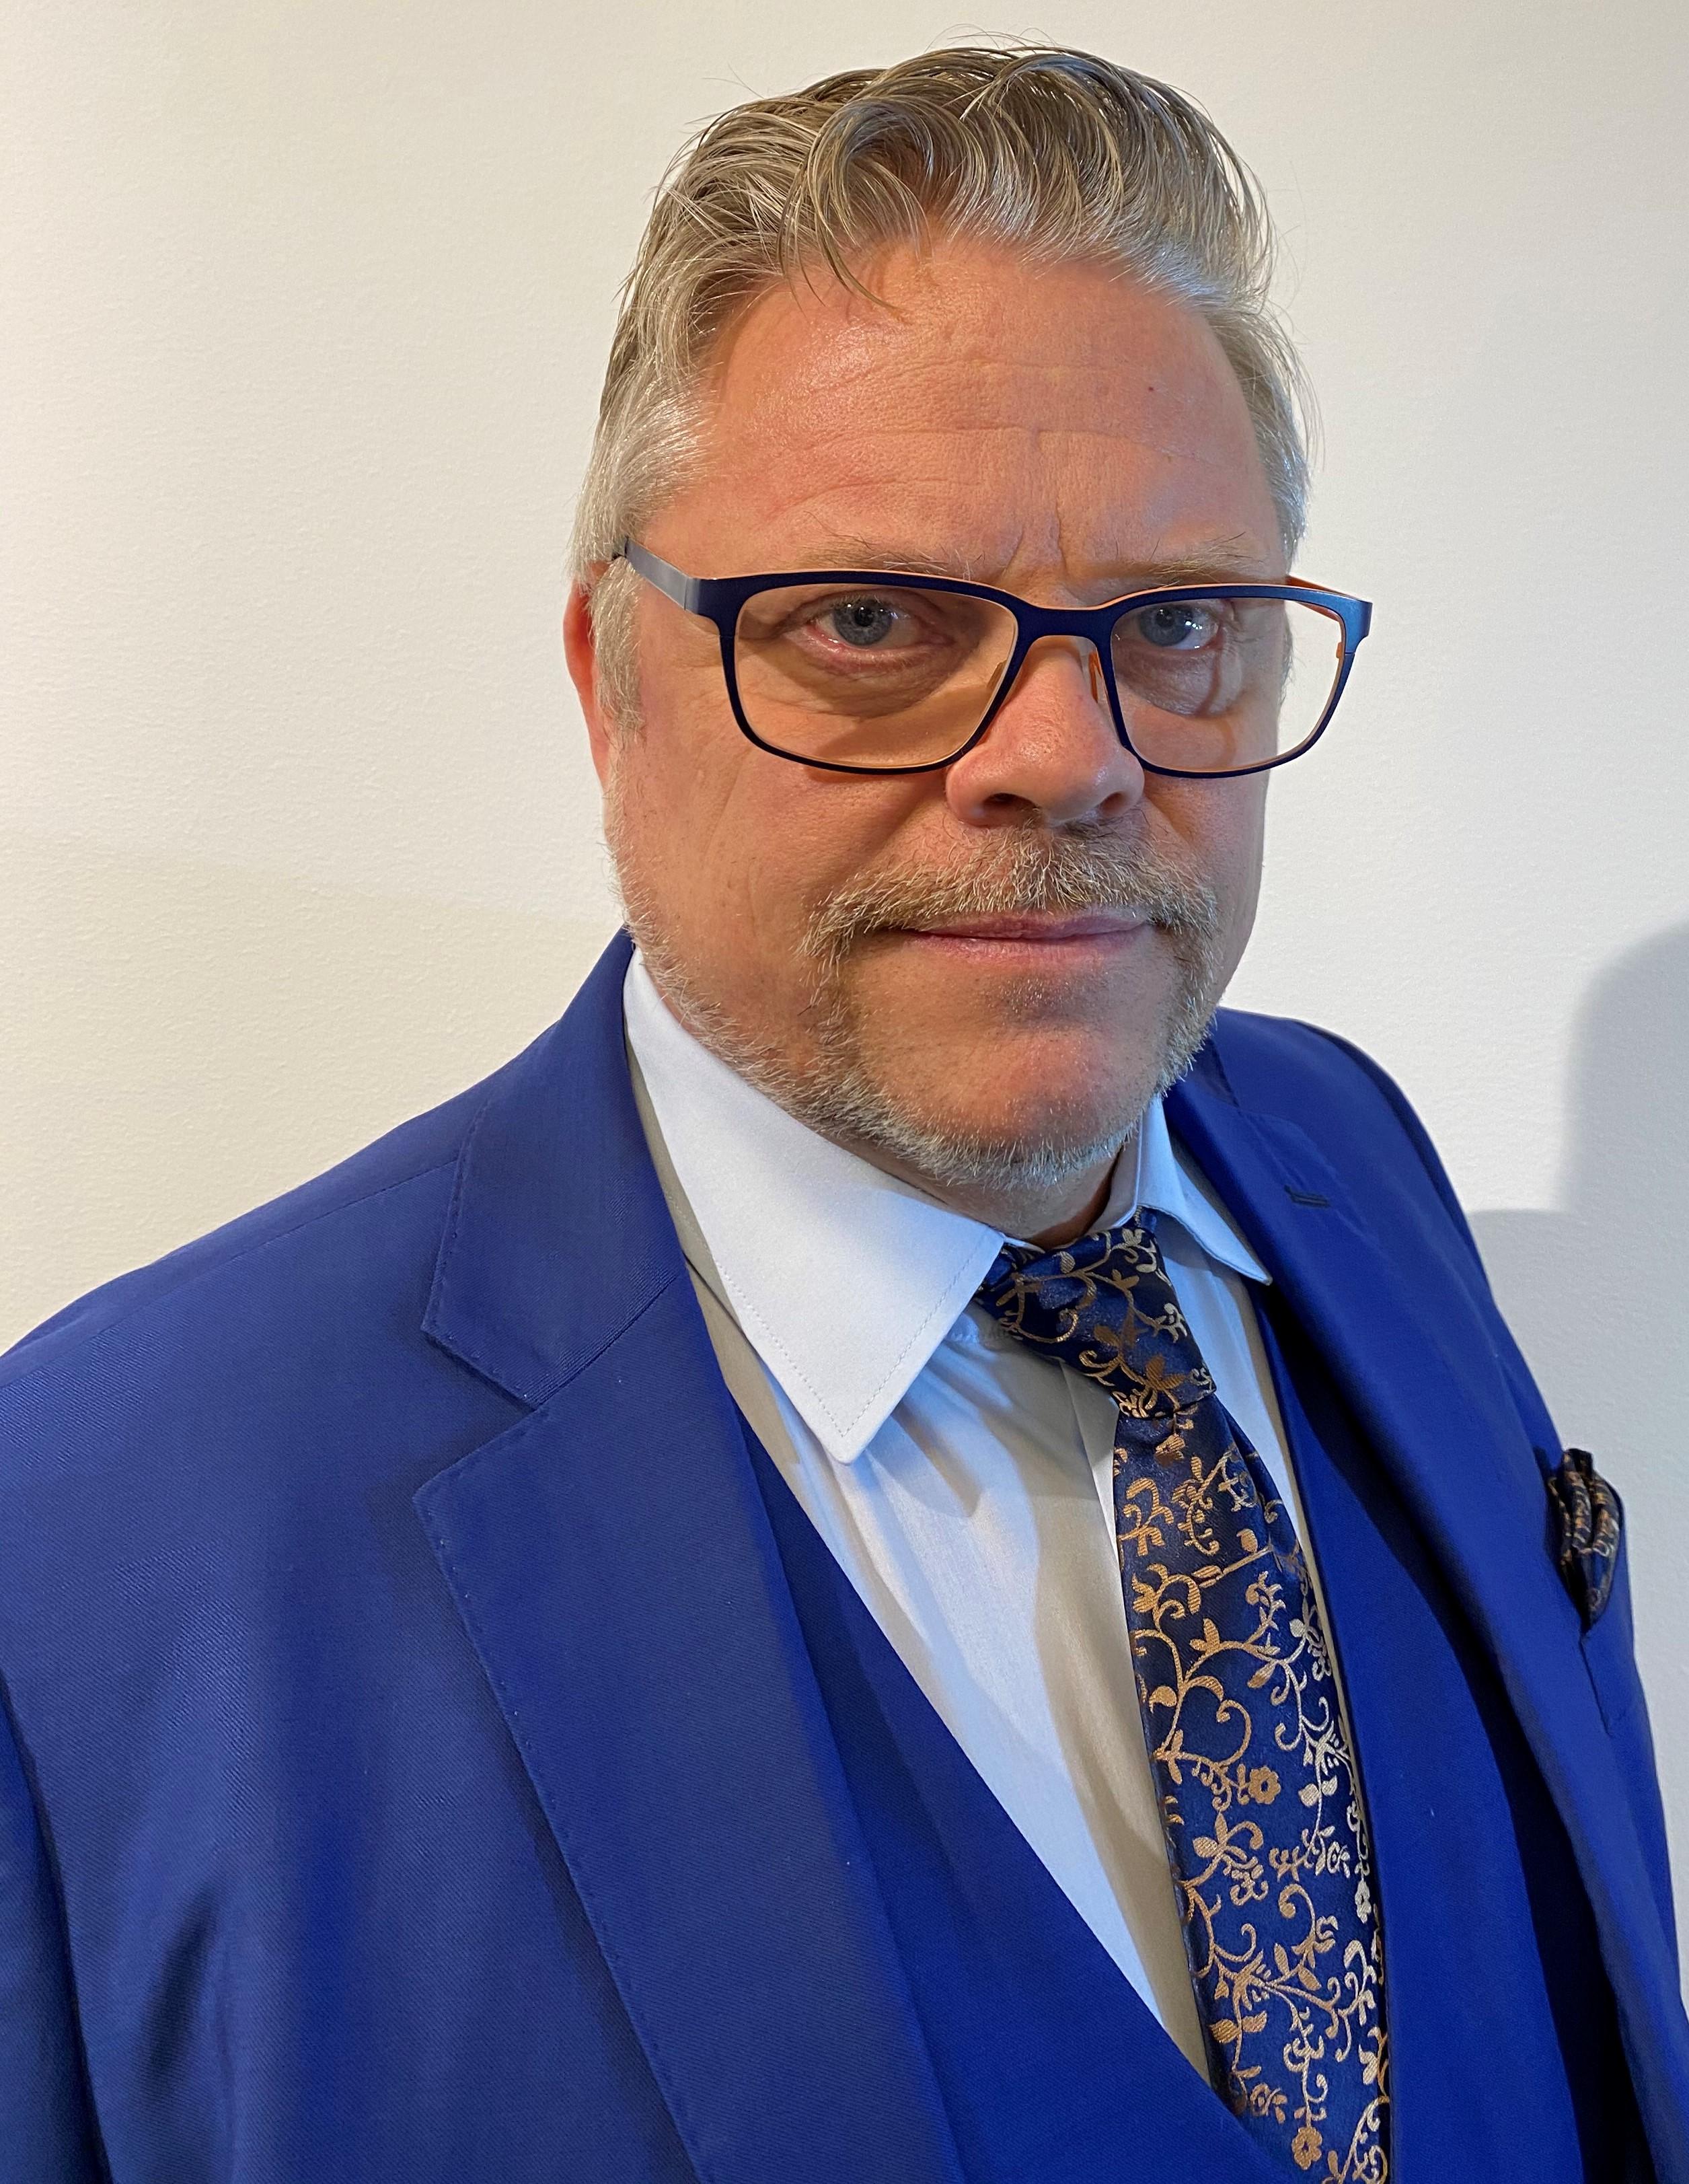 Peter Wallunger